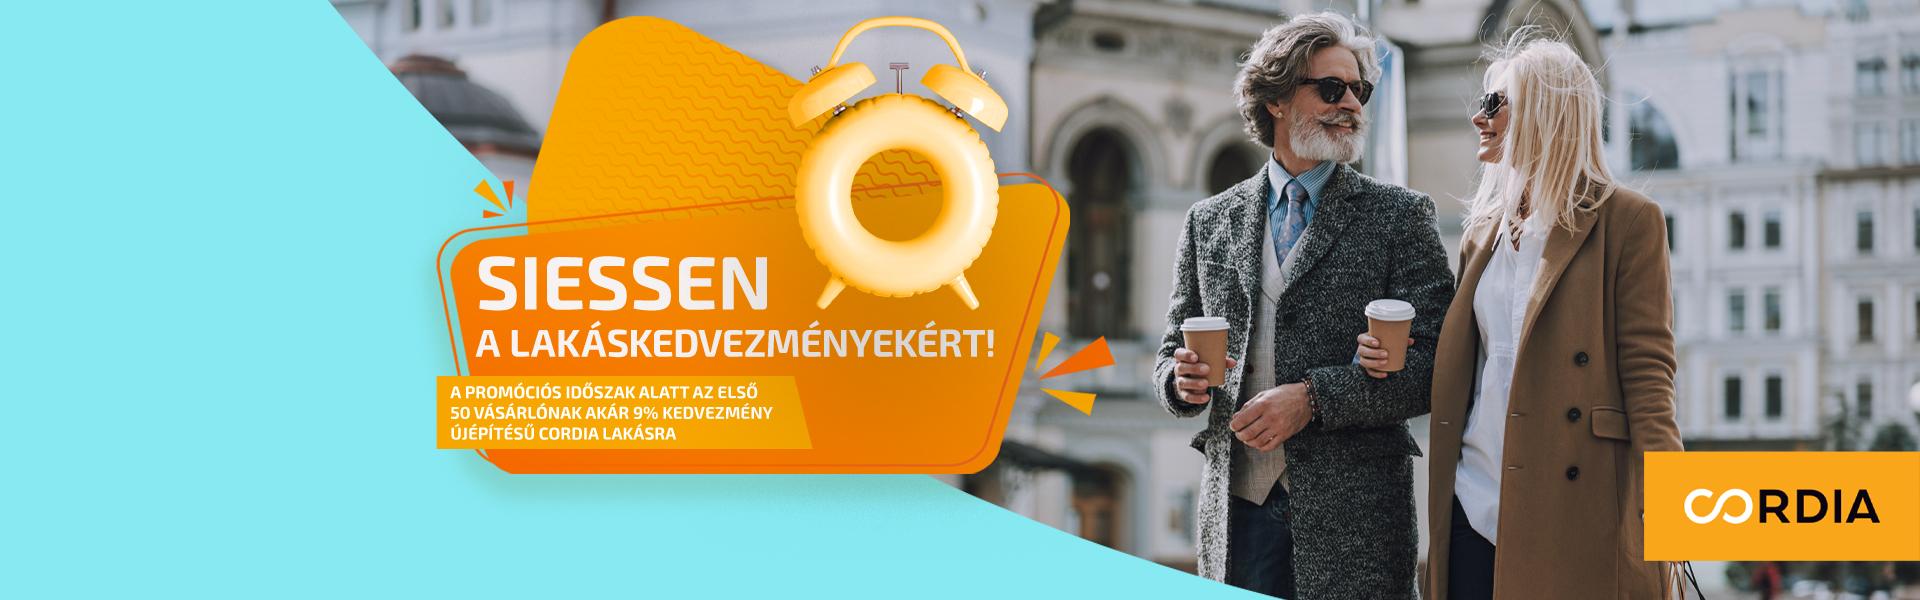 crd-arengedmeny-kampany-belvarosi-szegmens-1920x600-20200728-jogi-es-kattintson-nelkul